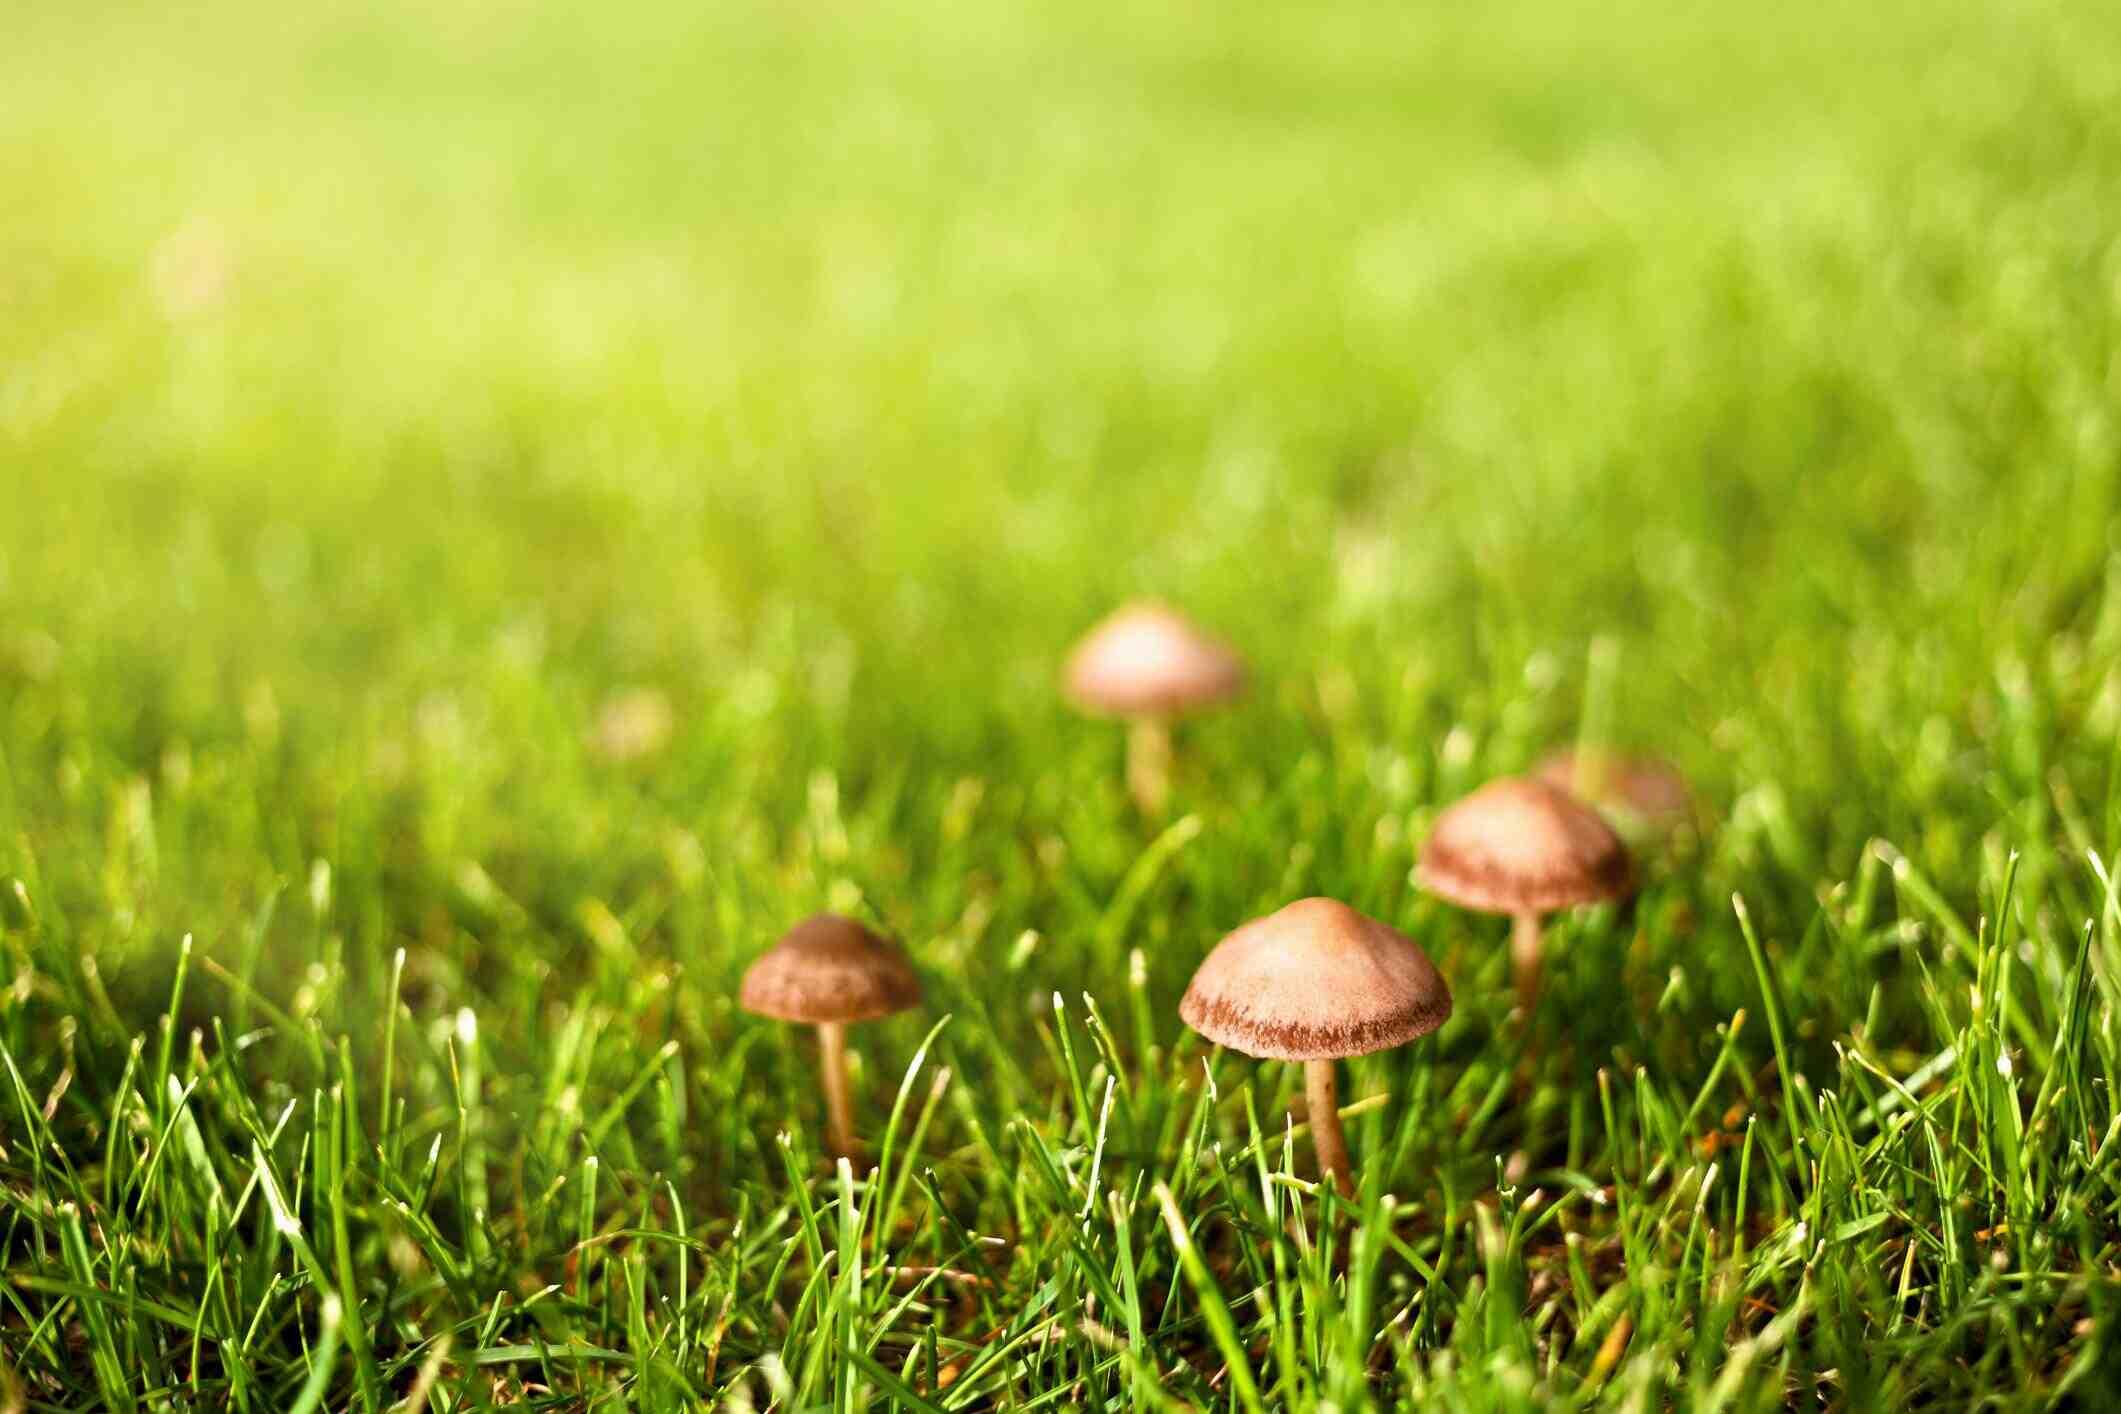 Comment looga champignons sur la peau naturellement?